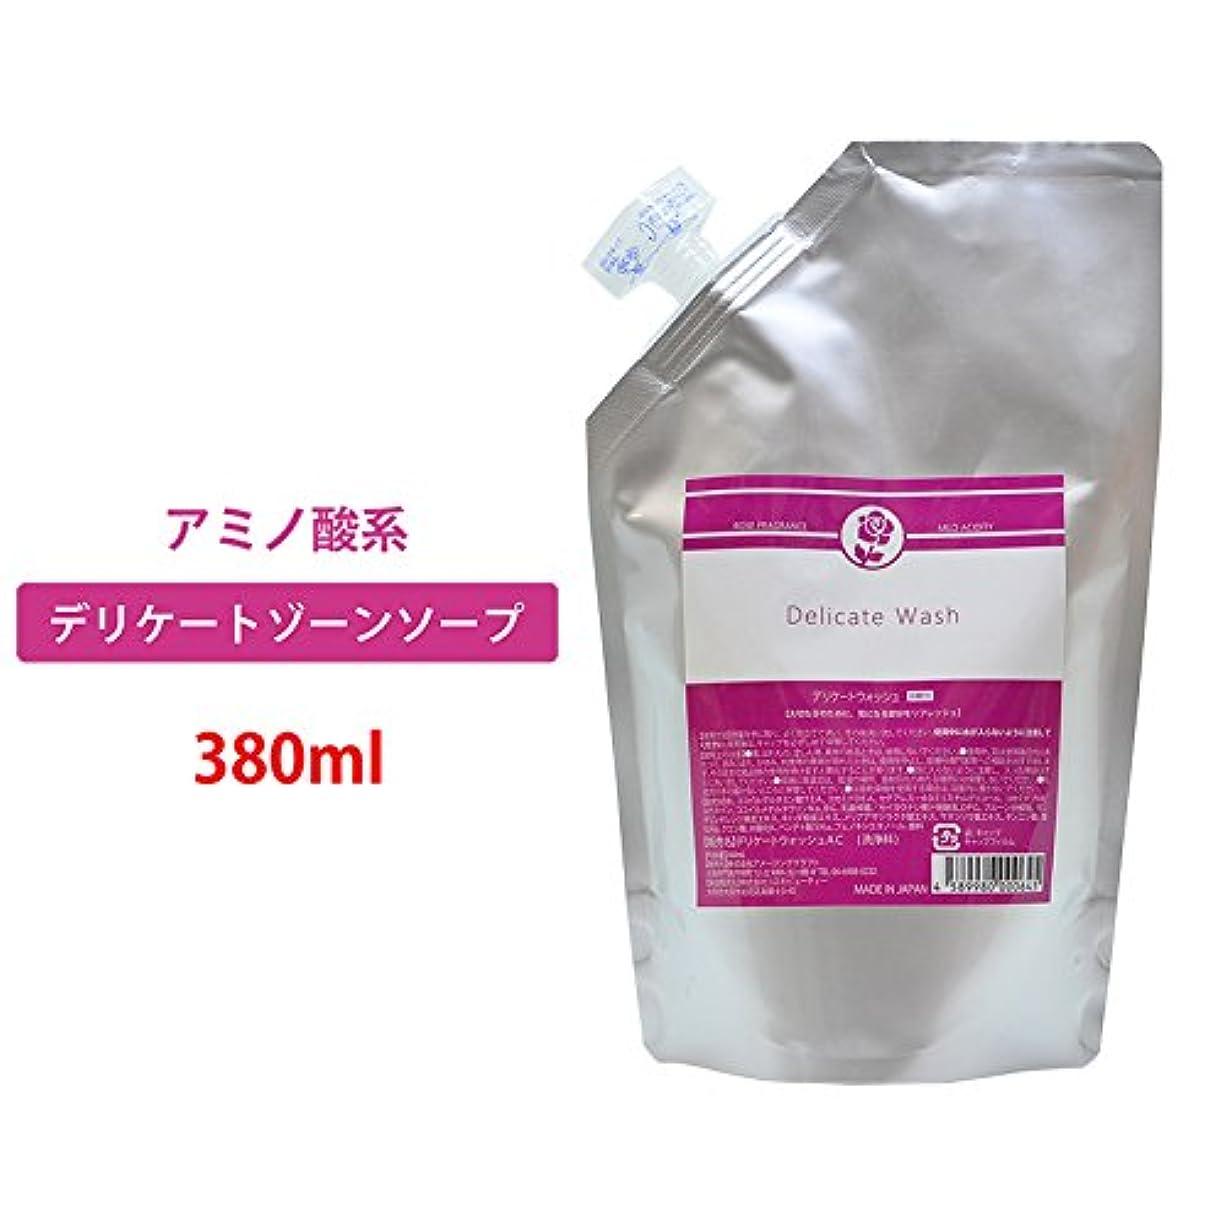 つまずく委託書誌デリケートウォッシュ 日本製デリケートゾーンソープ たっぷり380ml フェミニン ウォッシュ